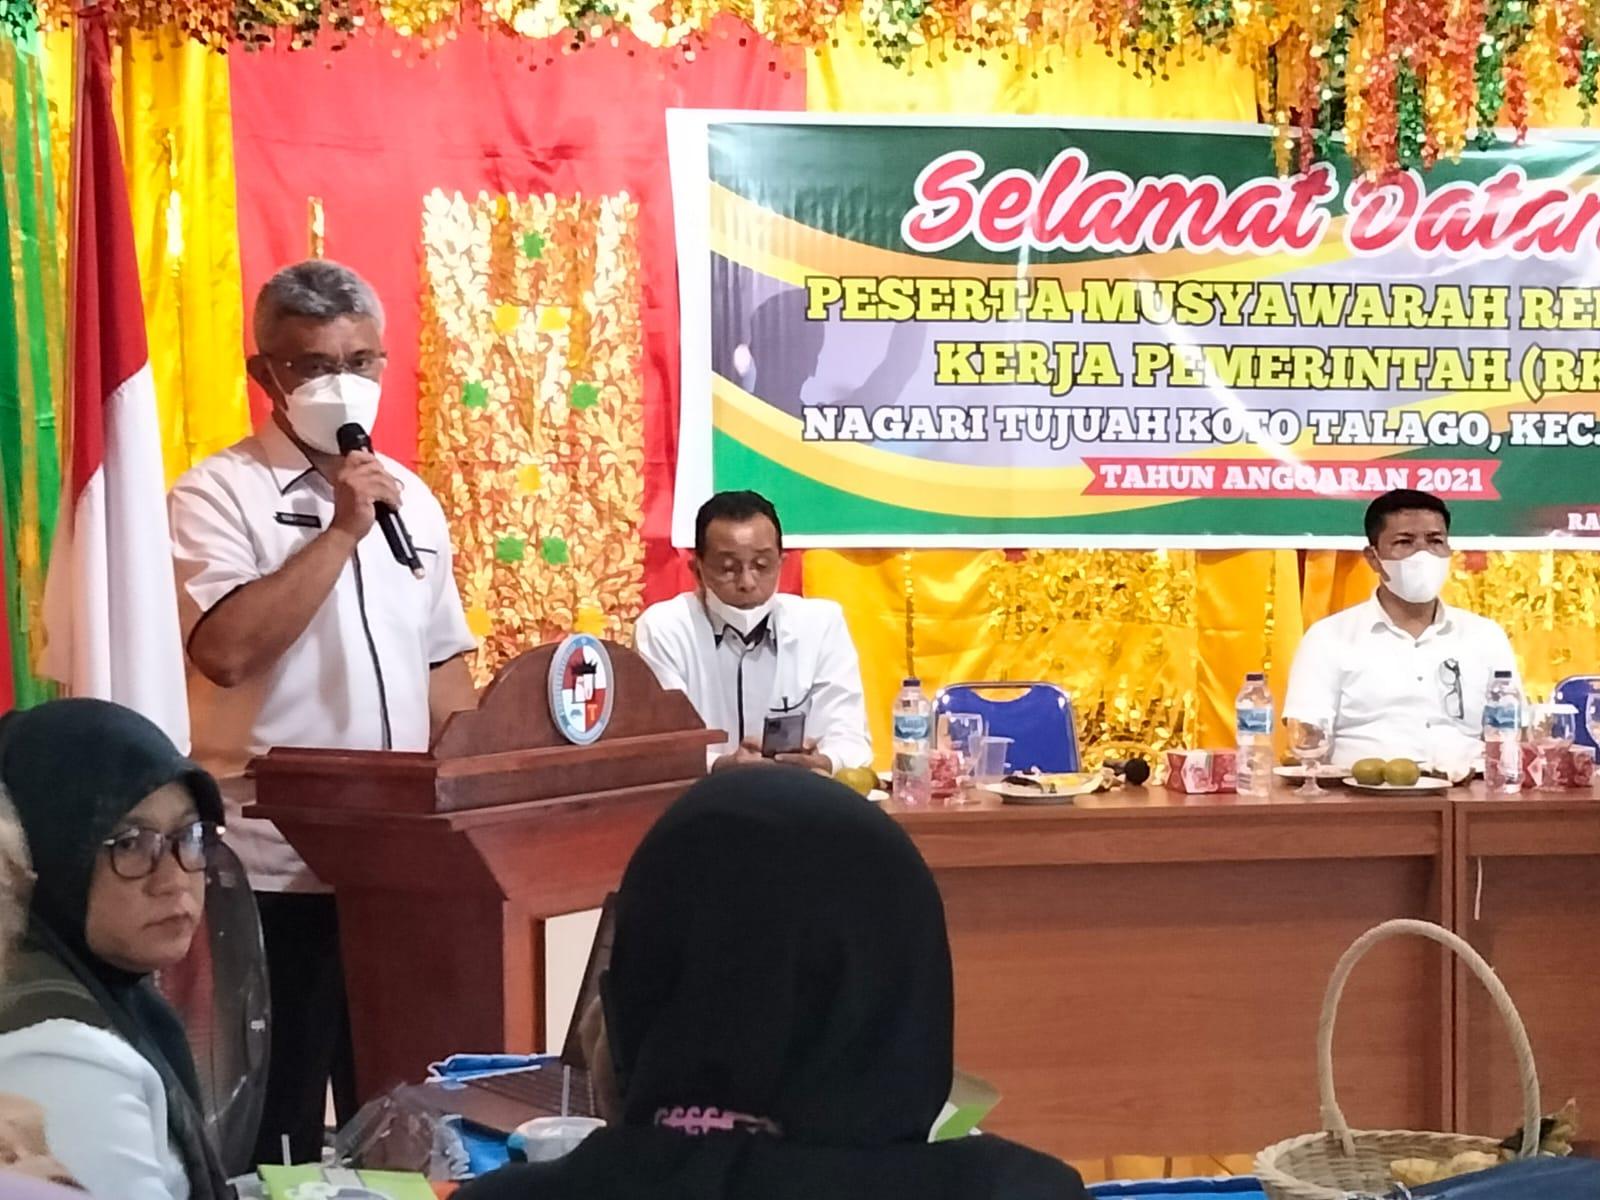 Nagari Tujuah Koto Talago Laksanakan Musyawarah Rencana Kerja Pemerintah (RKP) Tahun Anggaran 2021